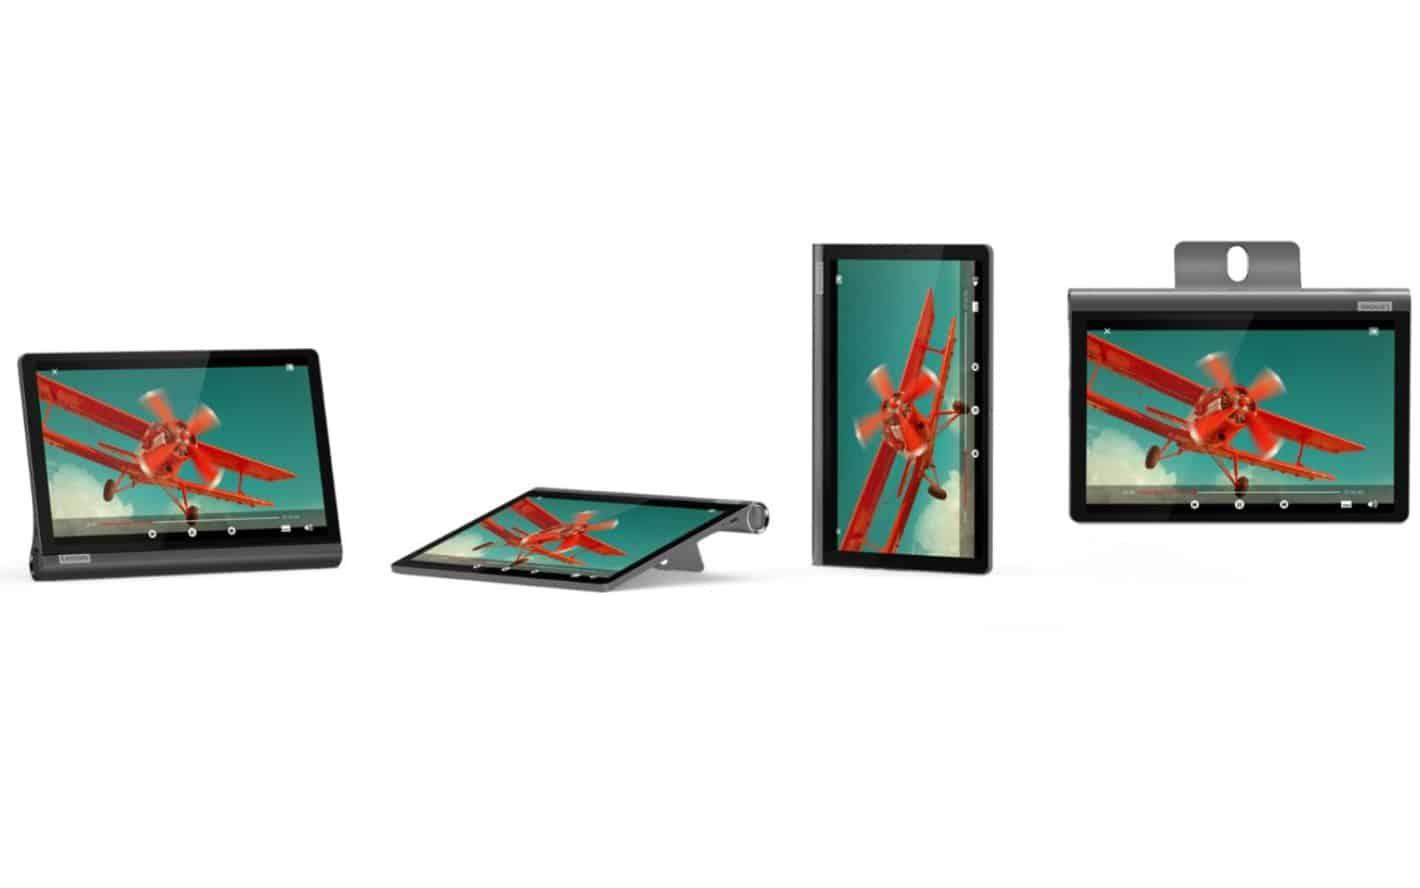 Lenovo Yoga Smart Tab Usage Modes